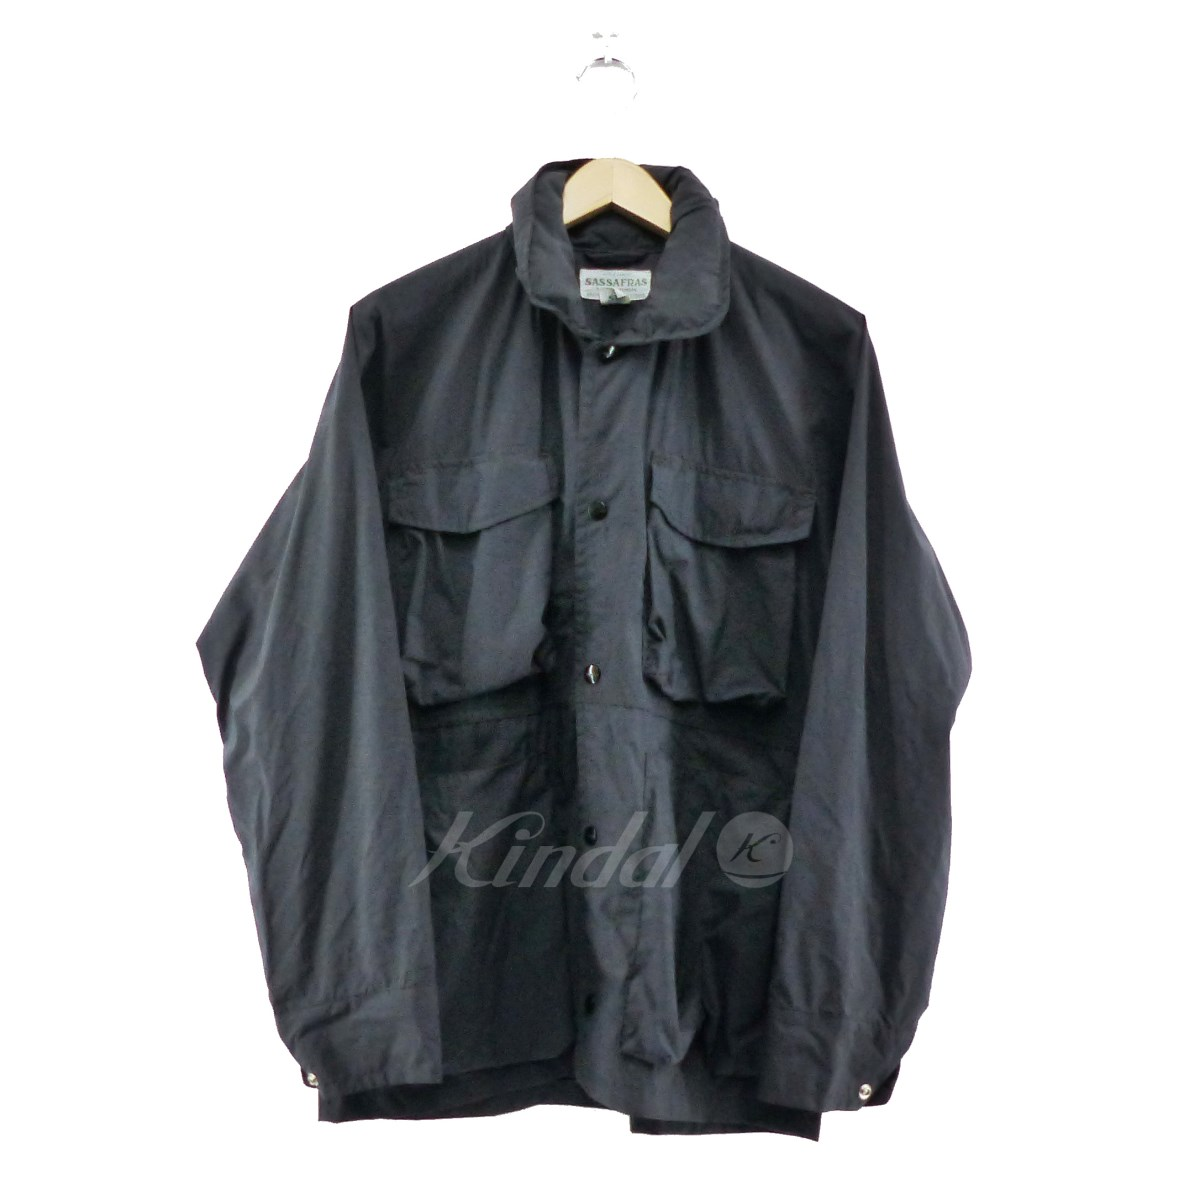 【中古】SASSAFRAS 2019SS Digs Crew Jacket ブラック サイズ:S 【100519】(ササフラス)